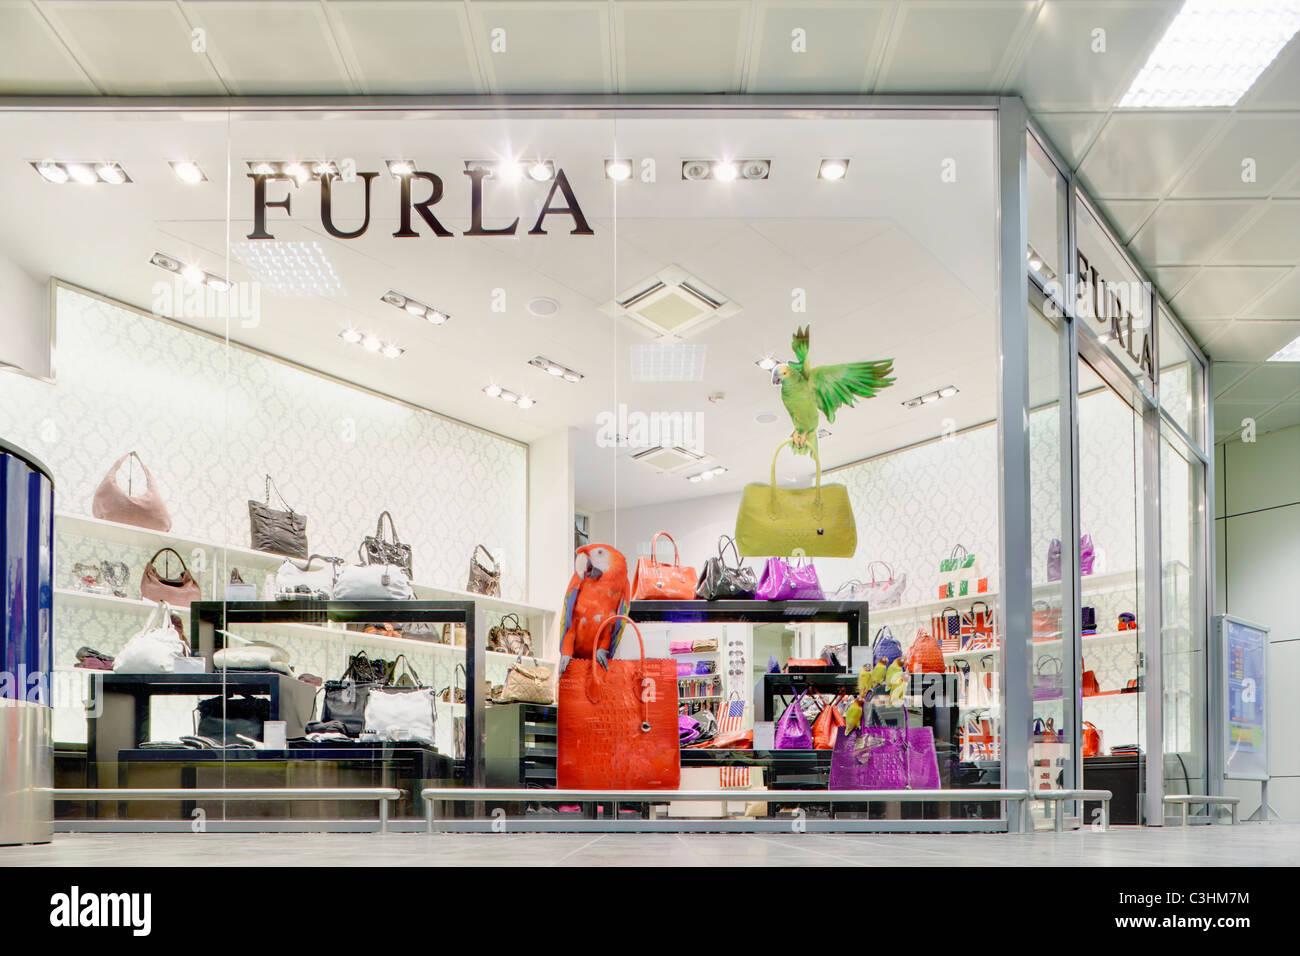 6ec68e1409204 Sacs à main de luxe boutique marque Furla store dans le centre commercial  terminal des départs à l aéroport Guglielmo Marconi de Bologne Italie